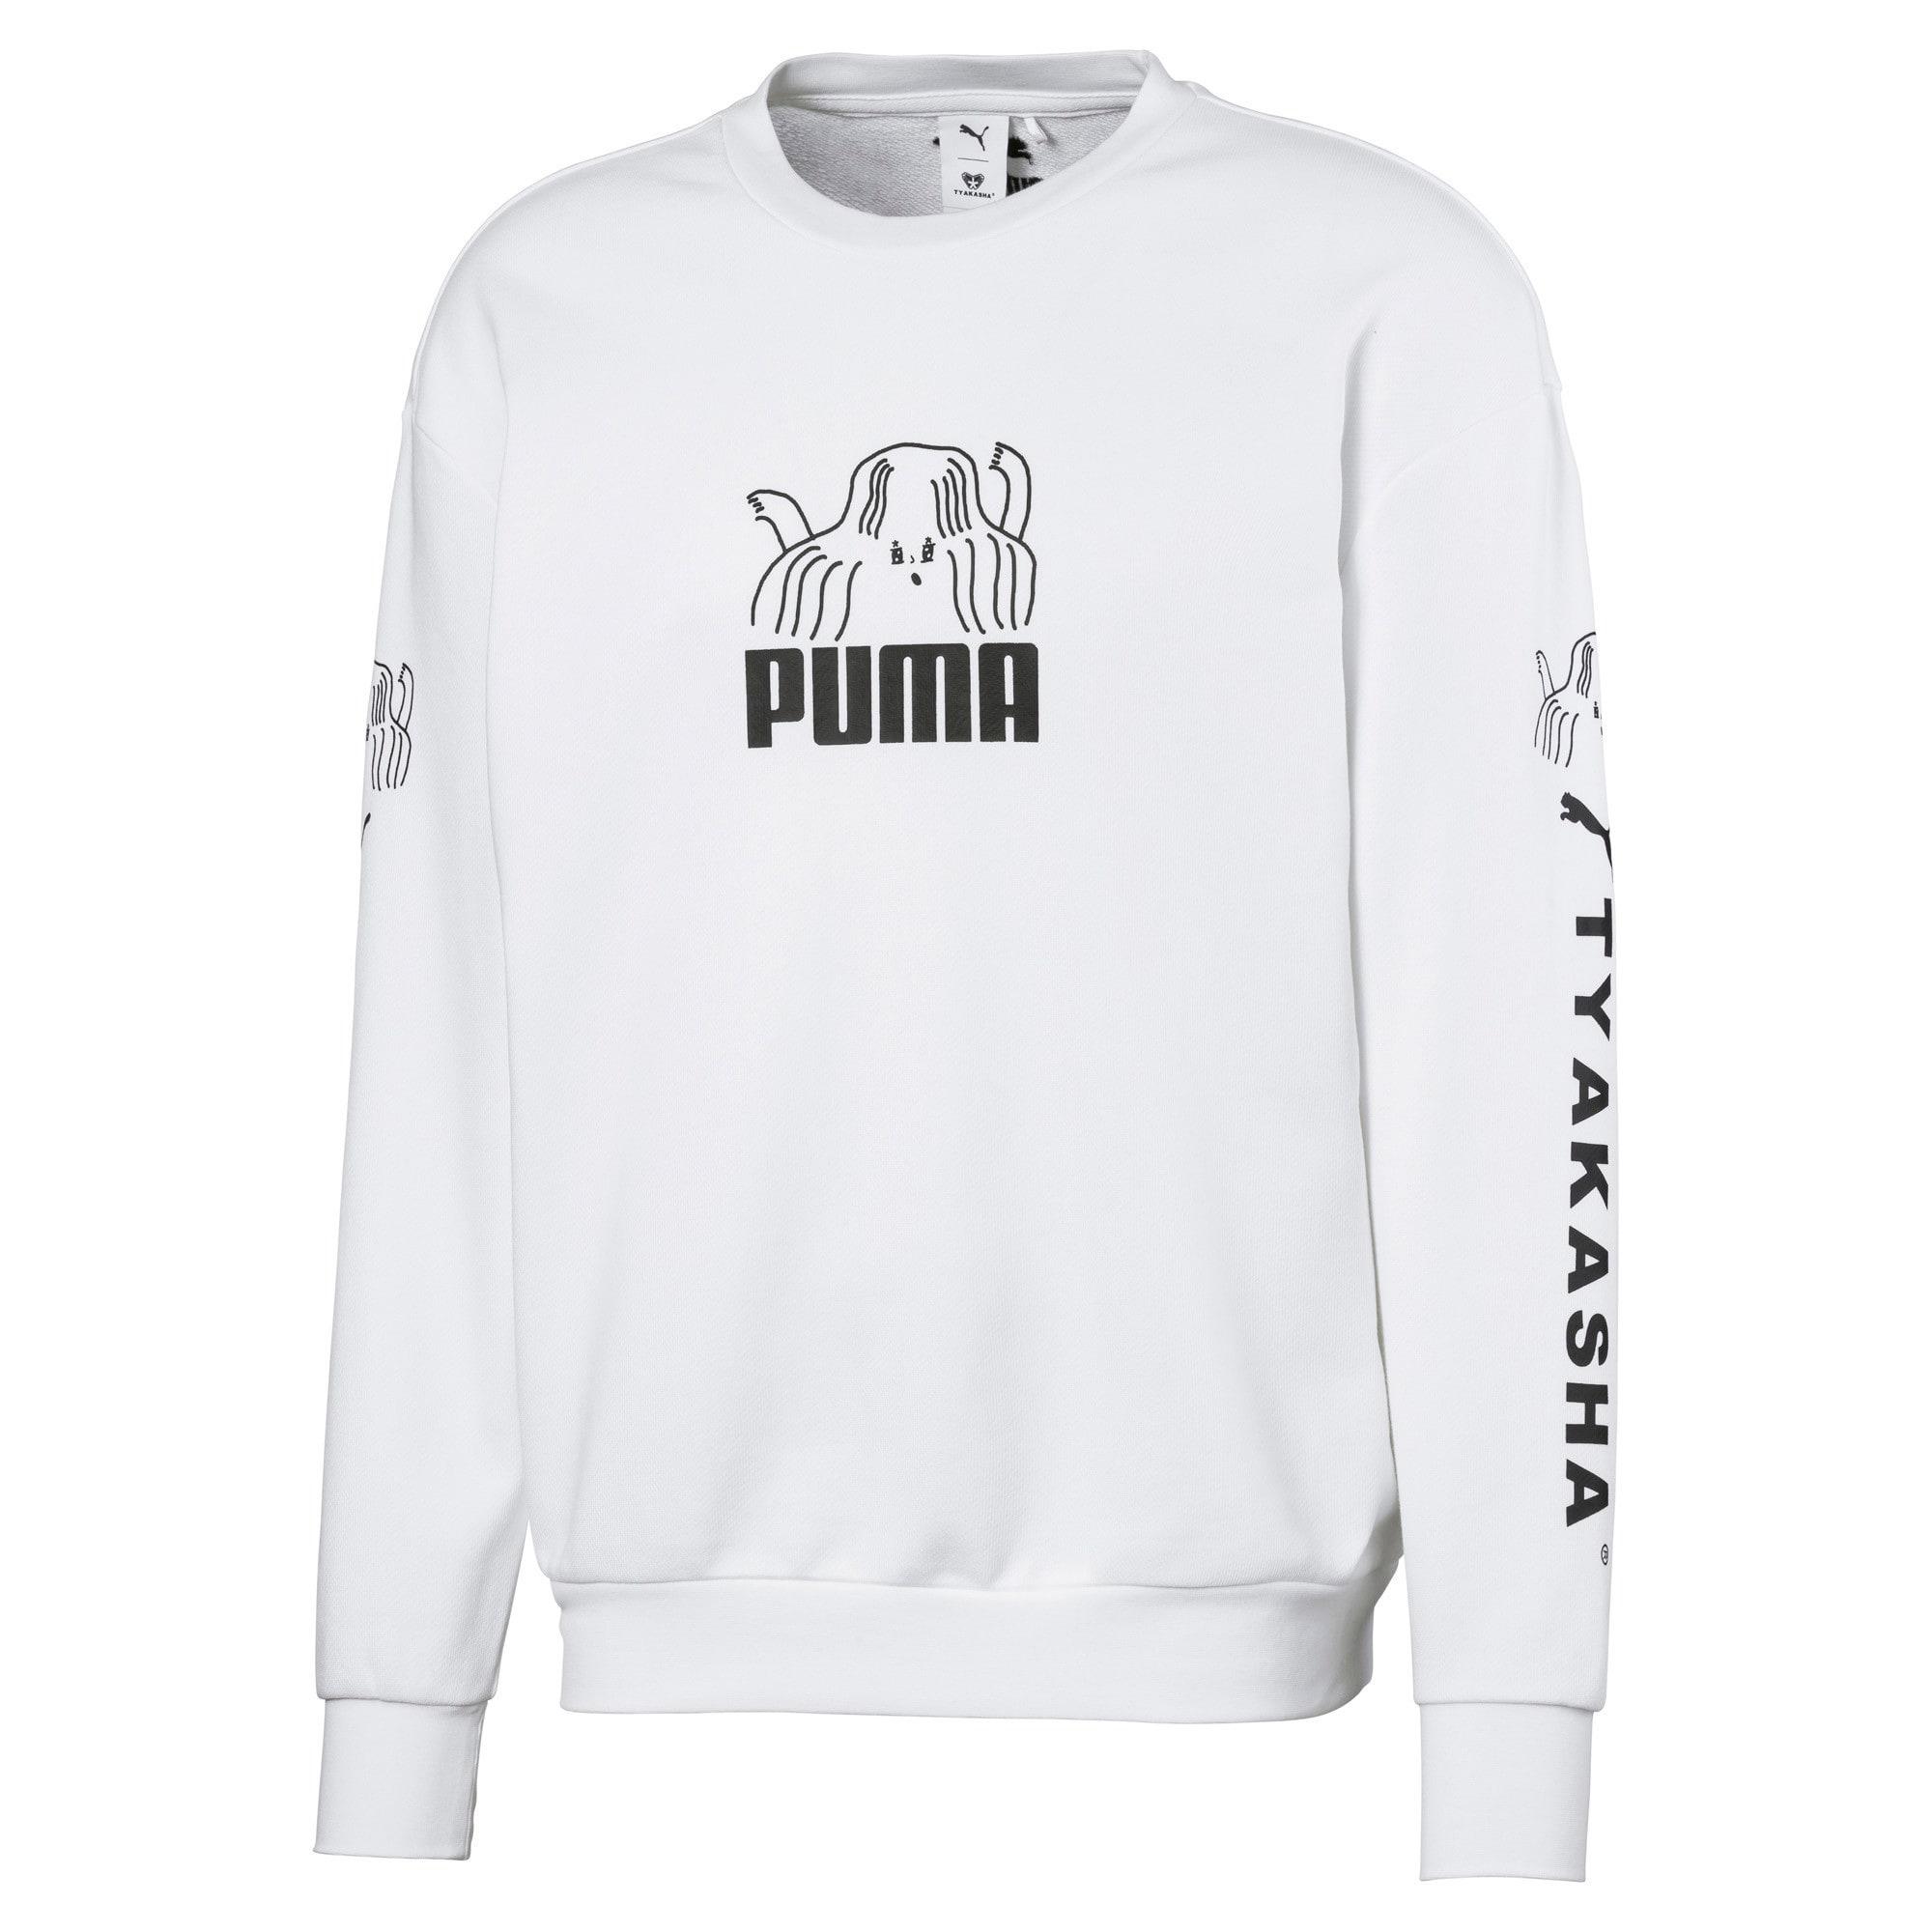 Thumbnail 1 of PUMA x TYAKASHA Crew Men's Sweater, Puma White, medium